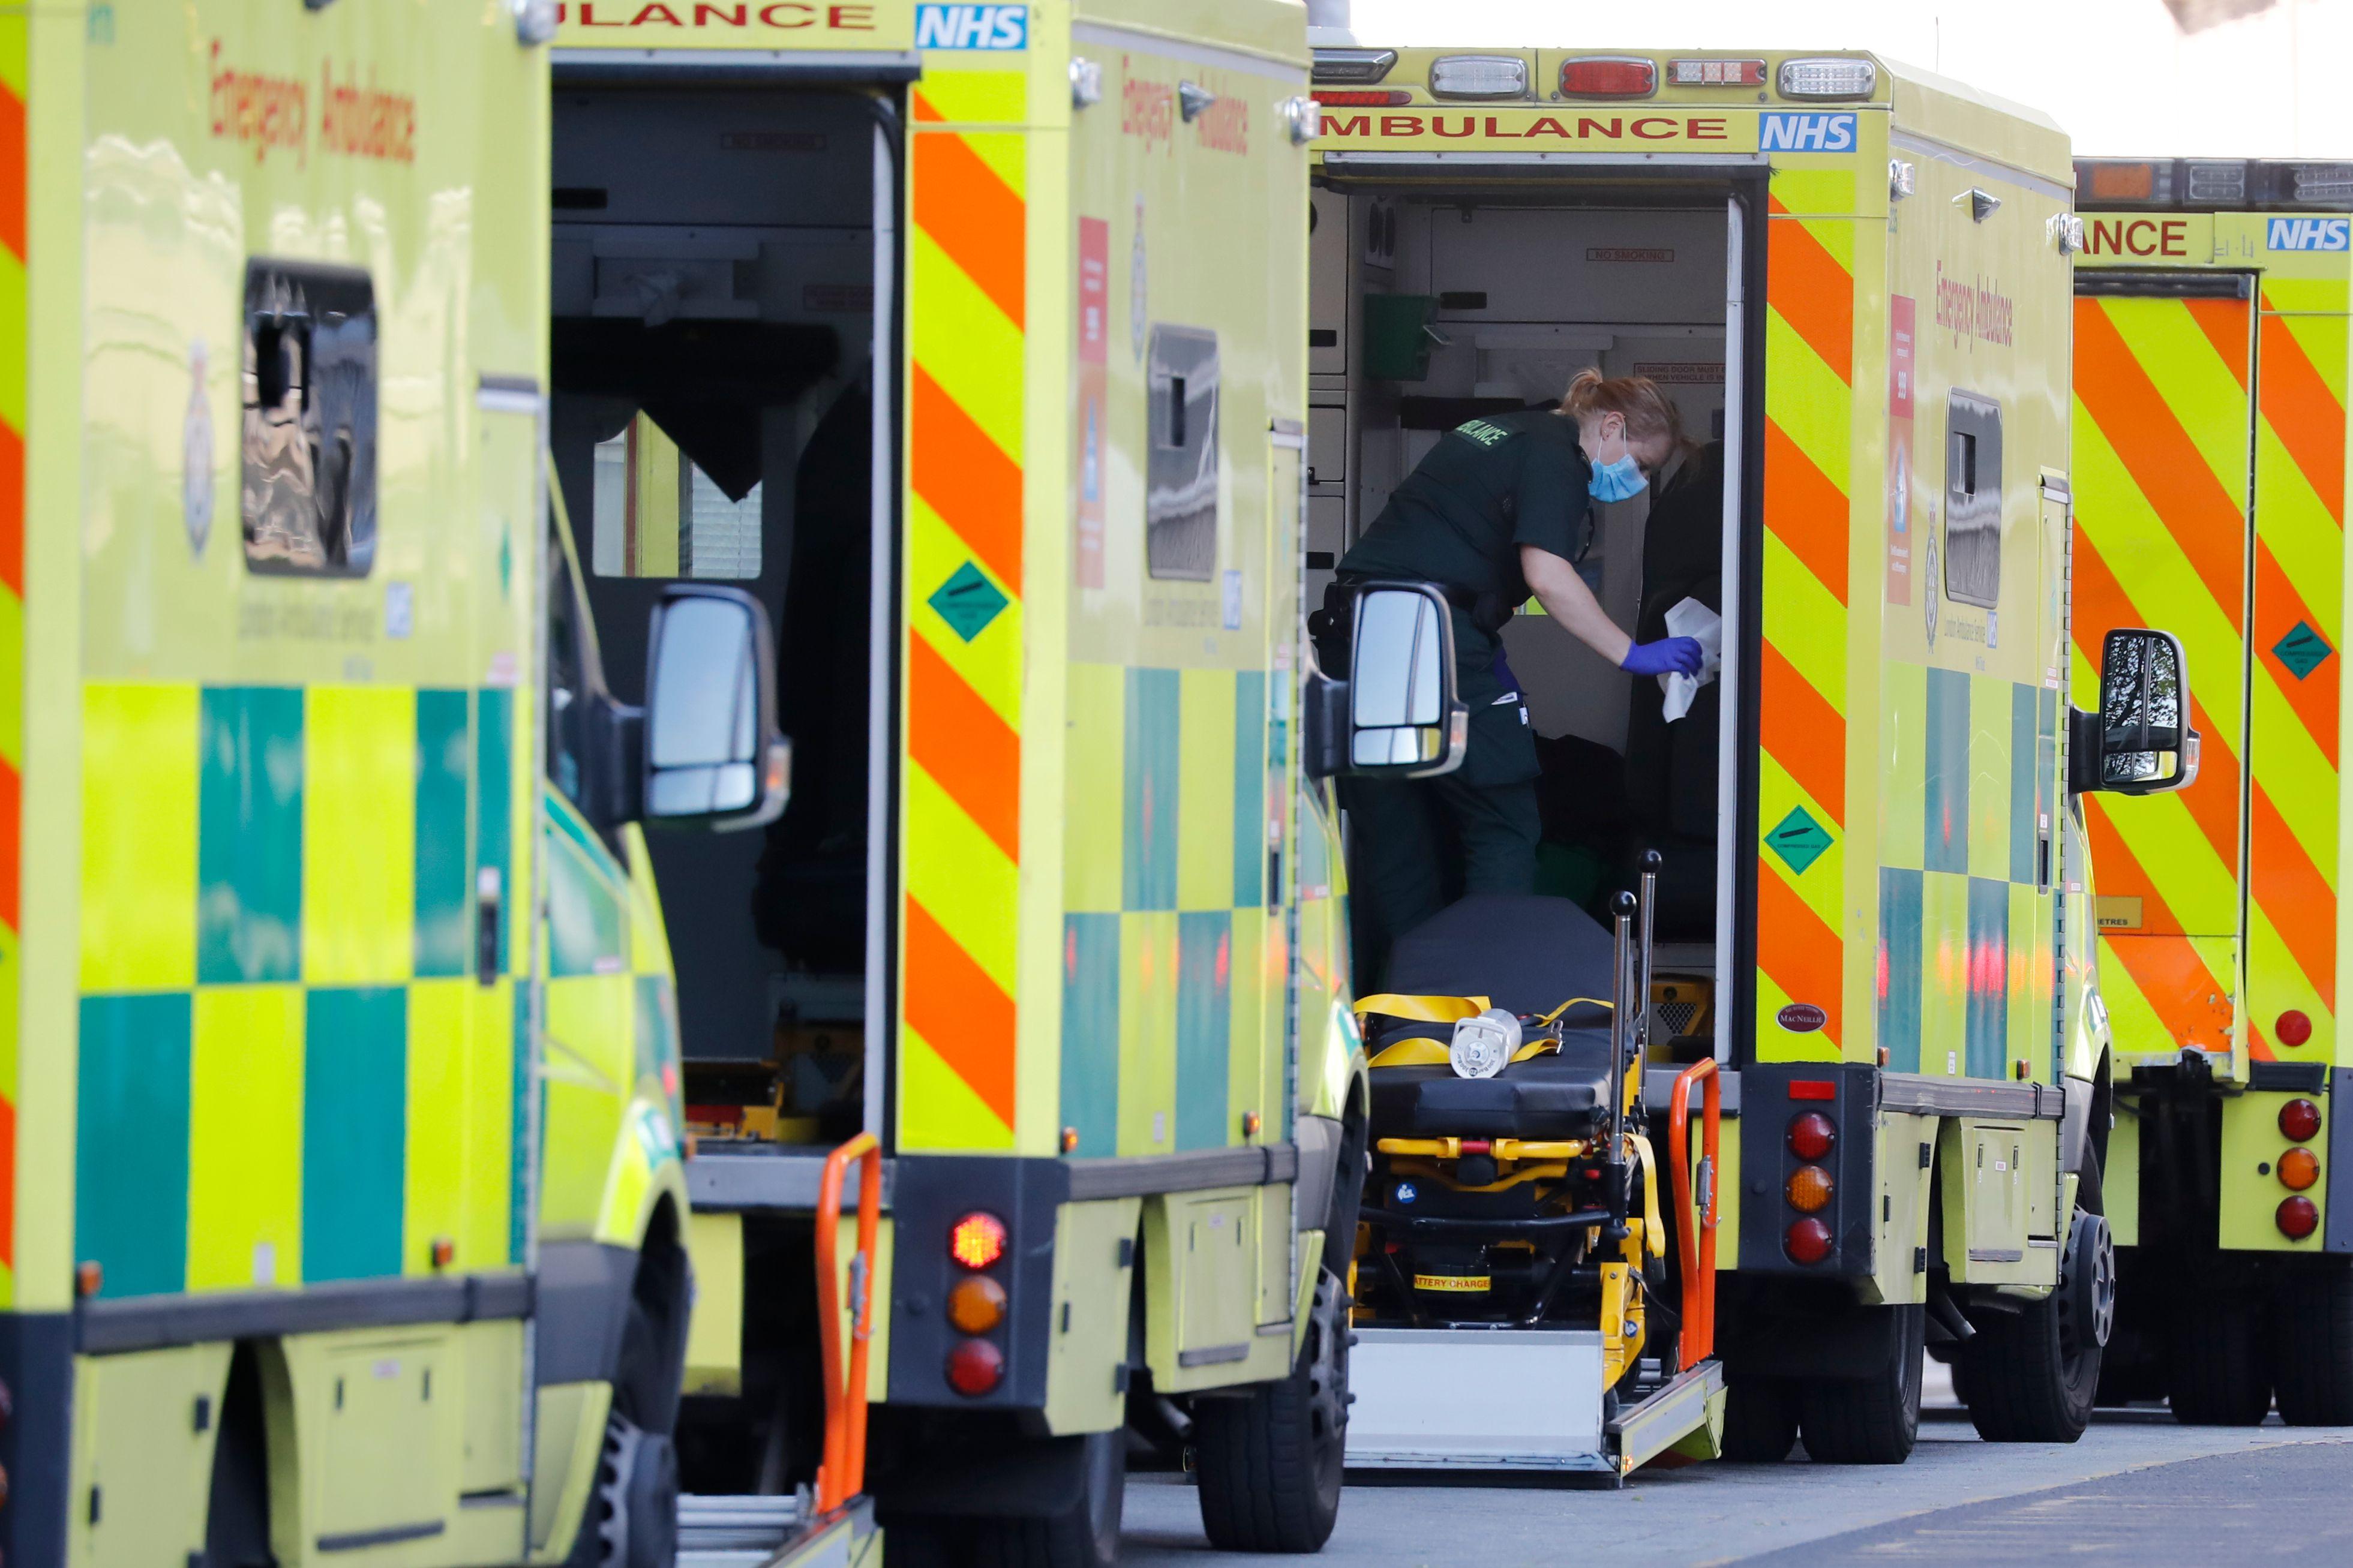 Ambulancias en un hospital de Londres.